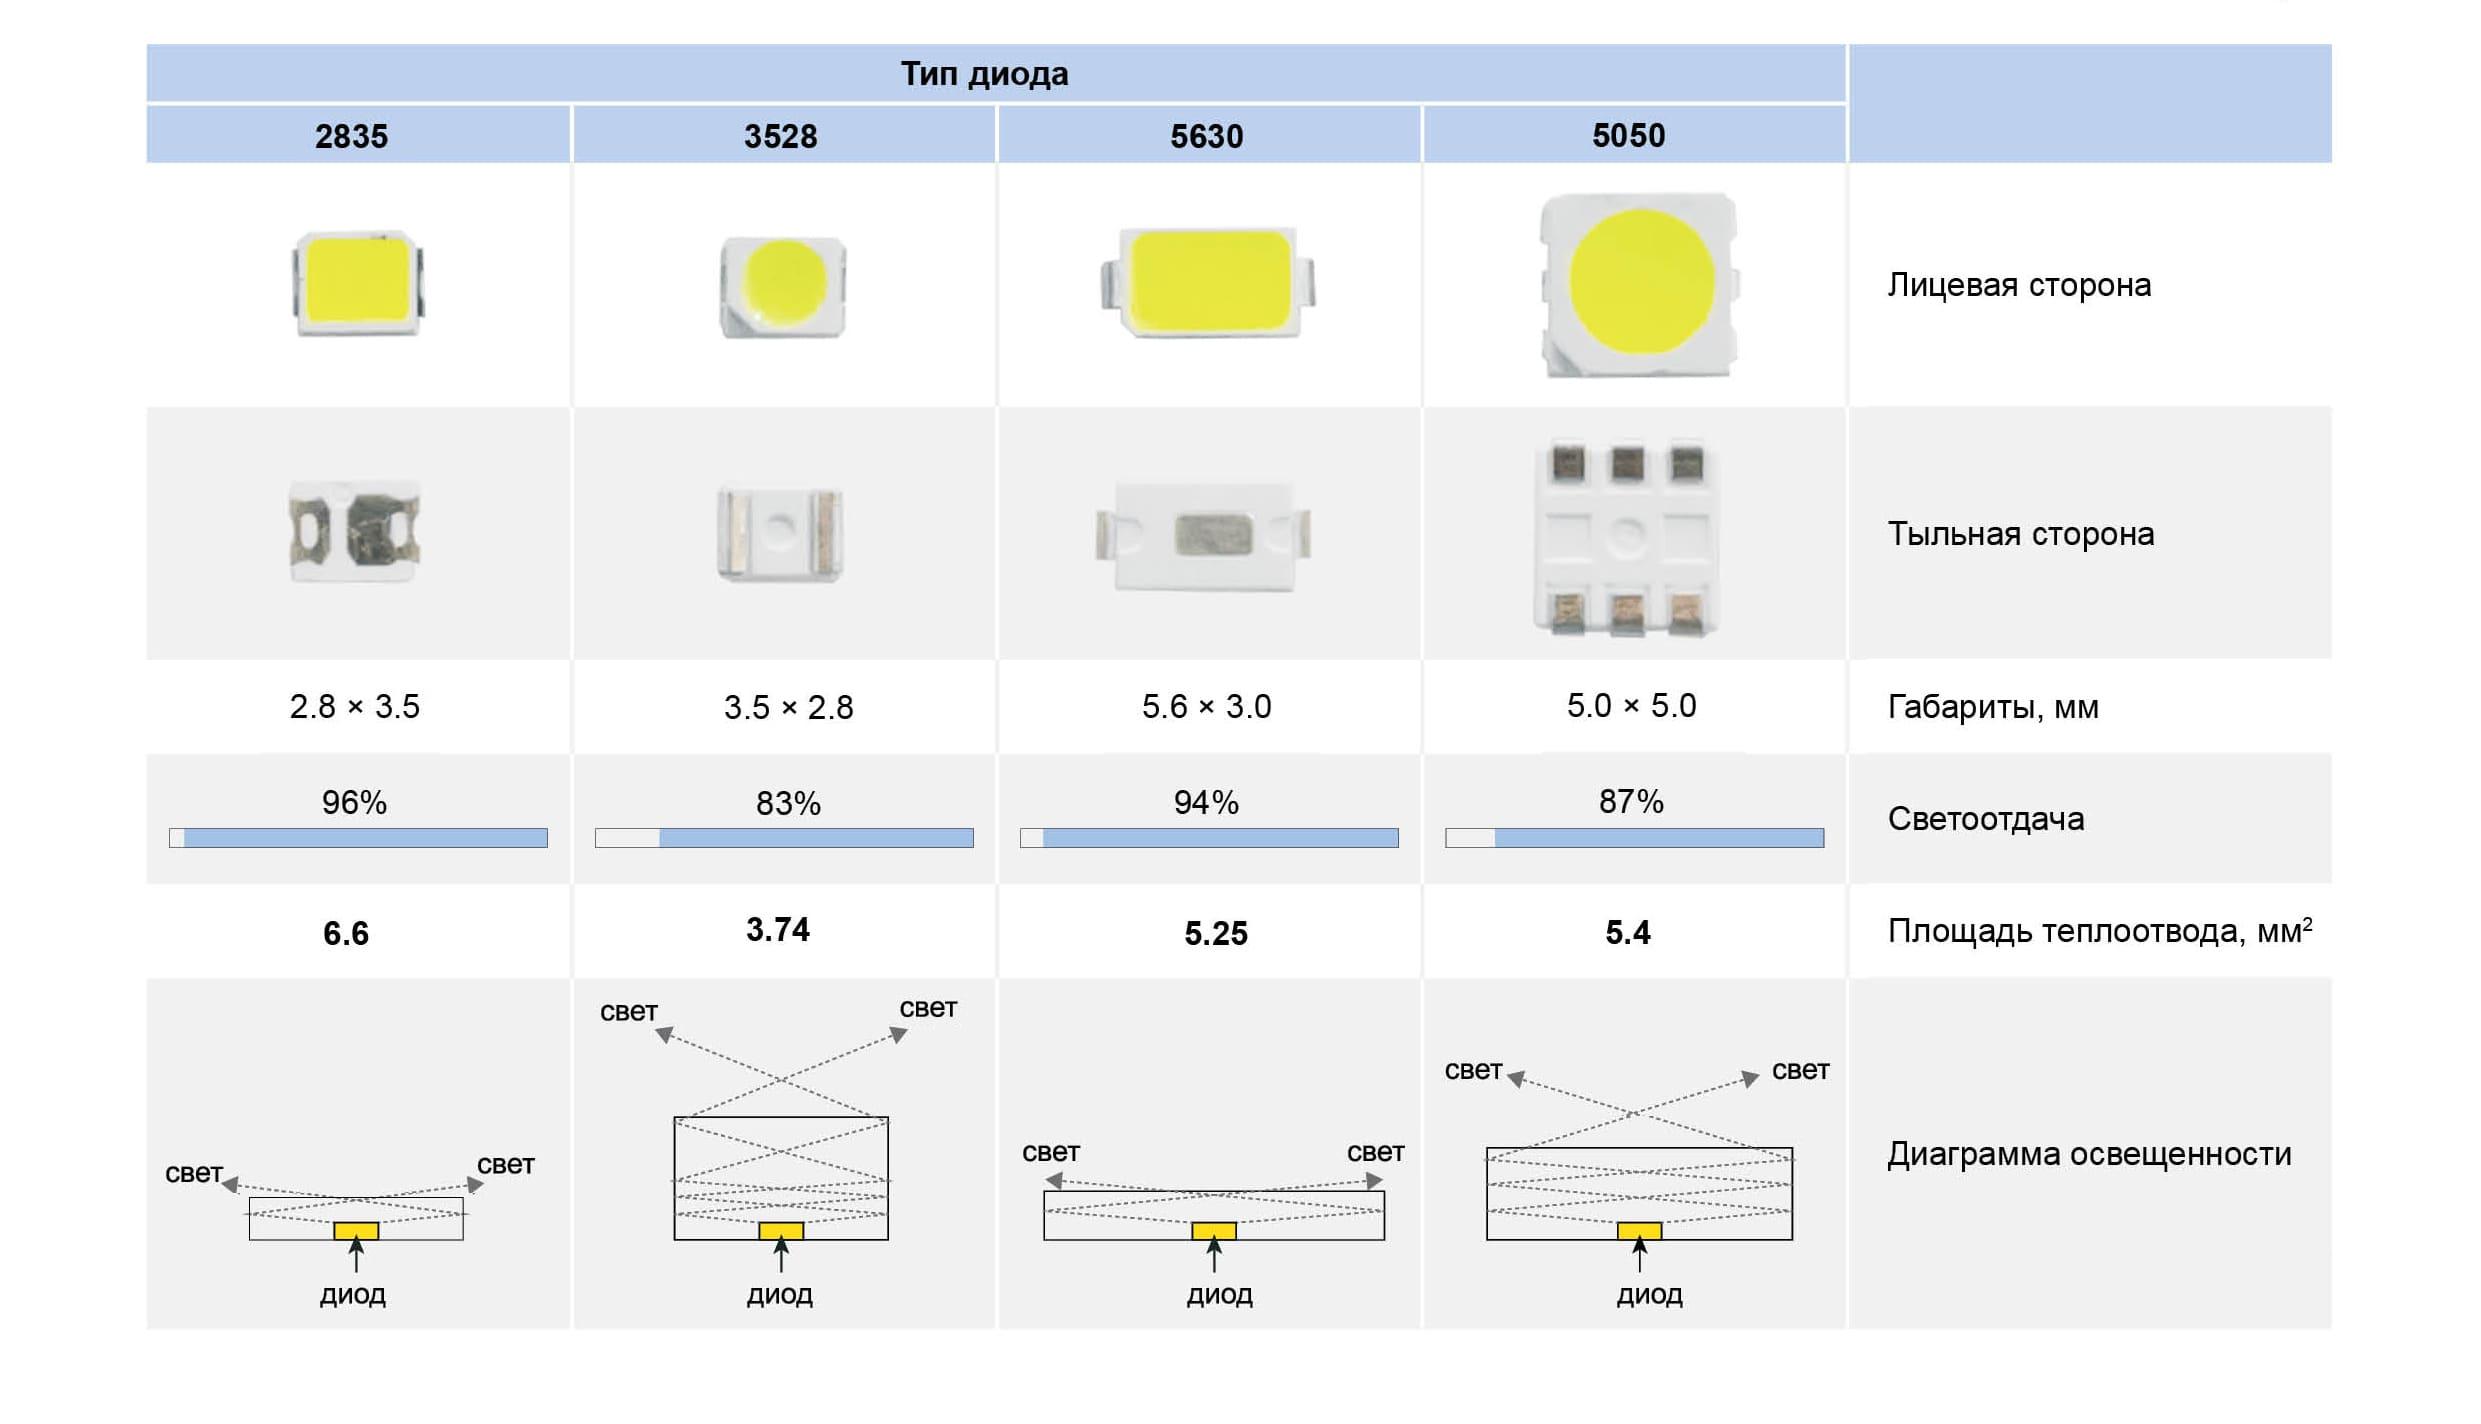 Таблица мощности диодов